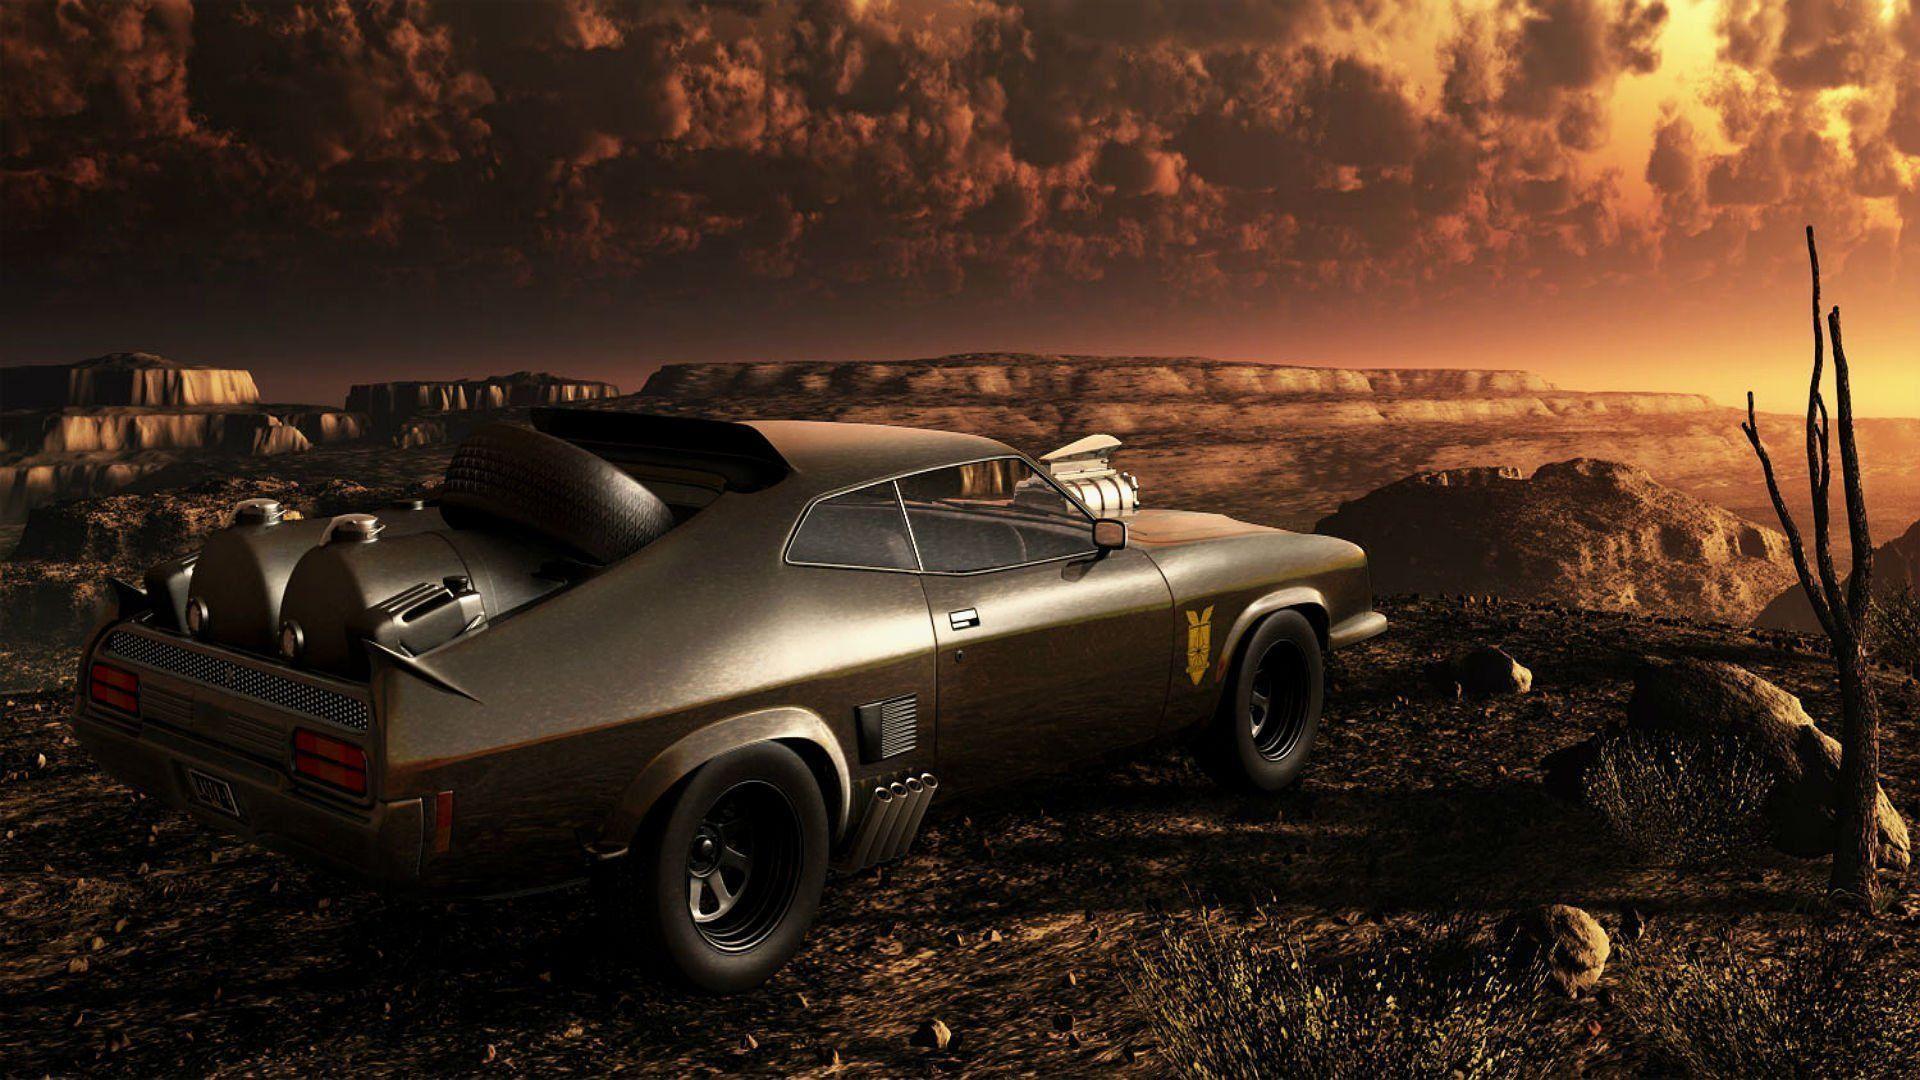 1920x1080 Mad Max Fury Road Full HD Wallpaper